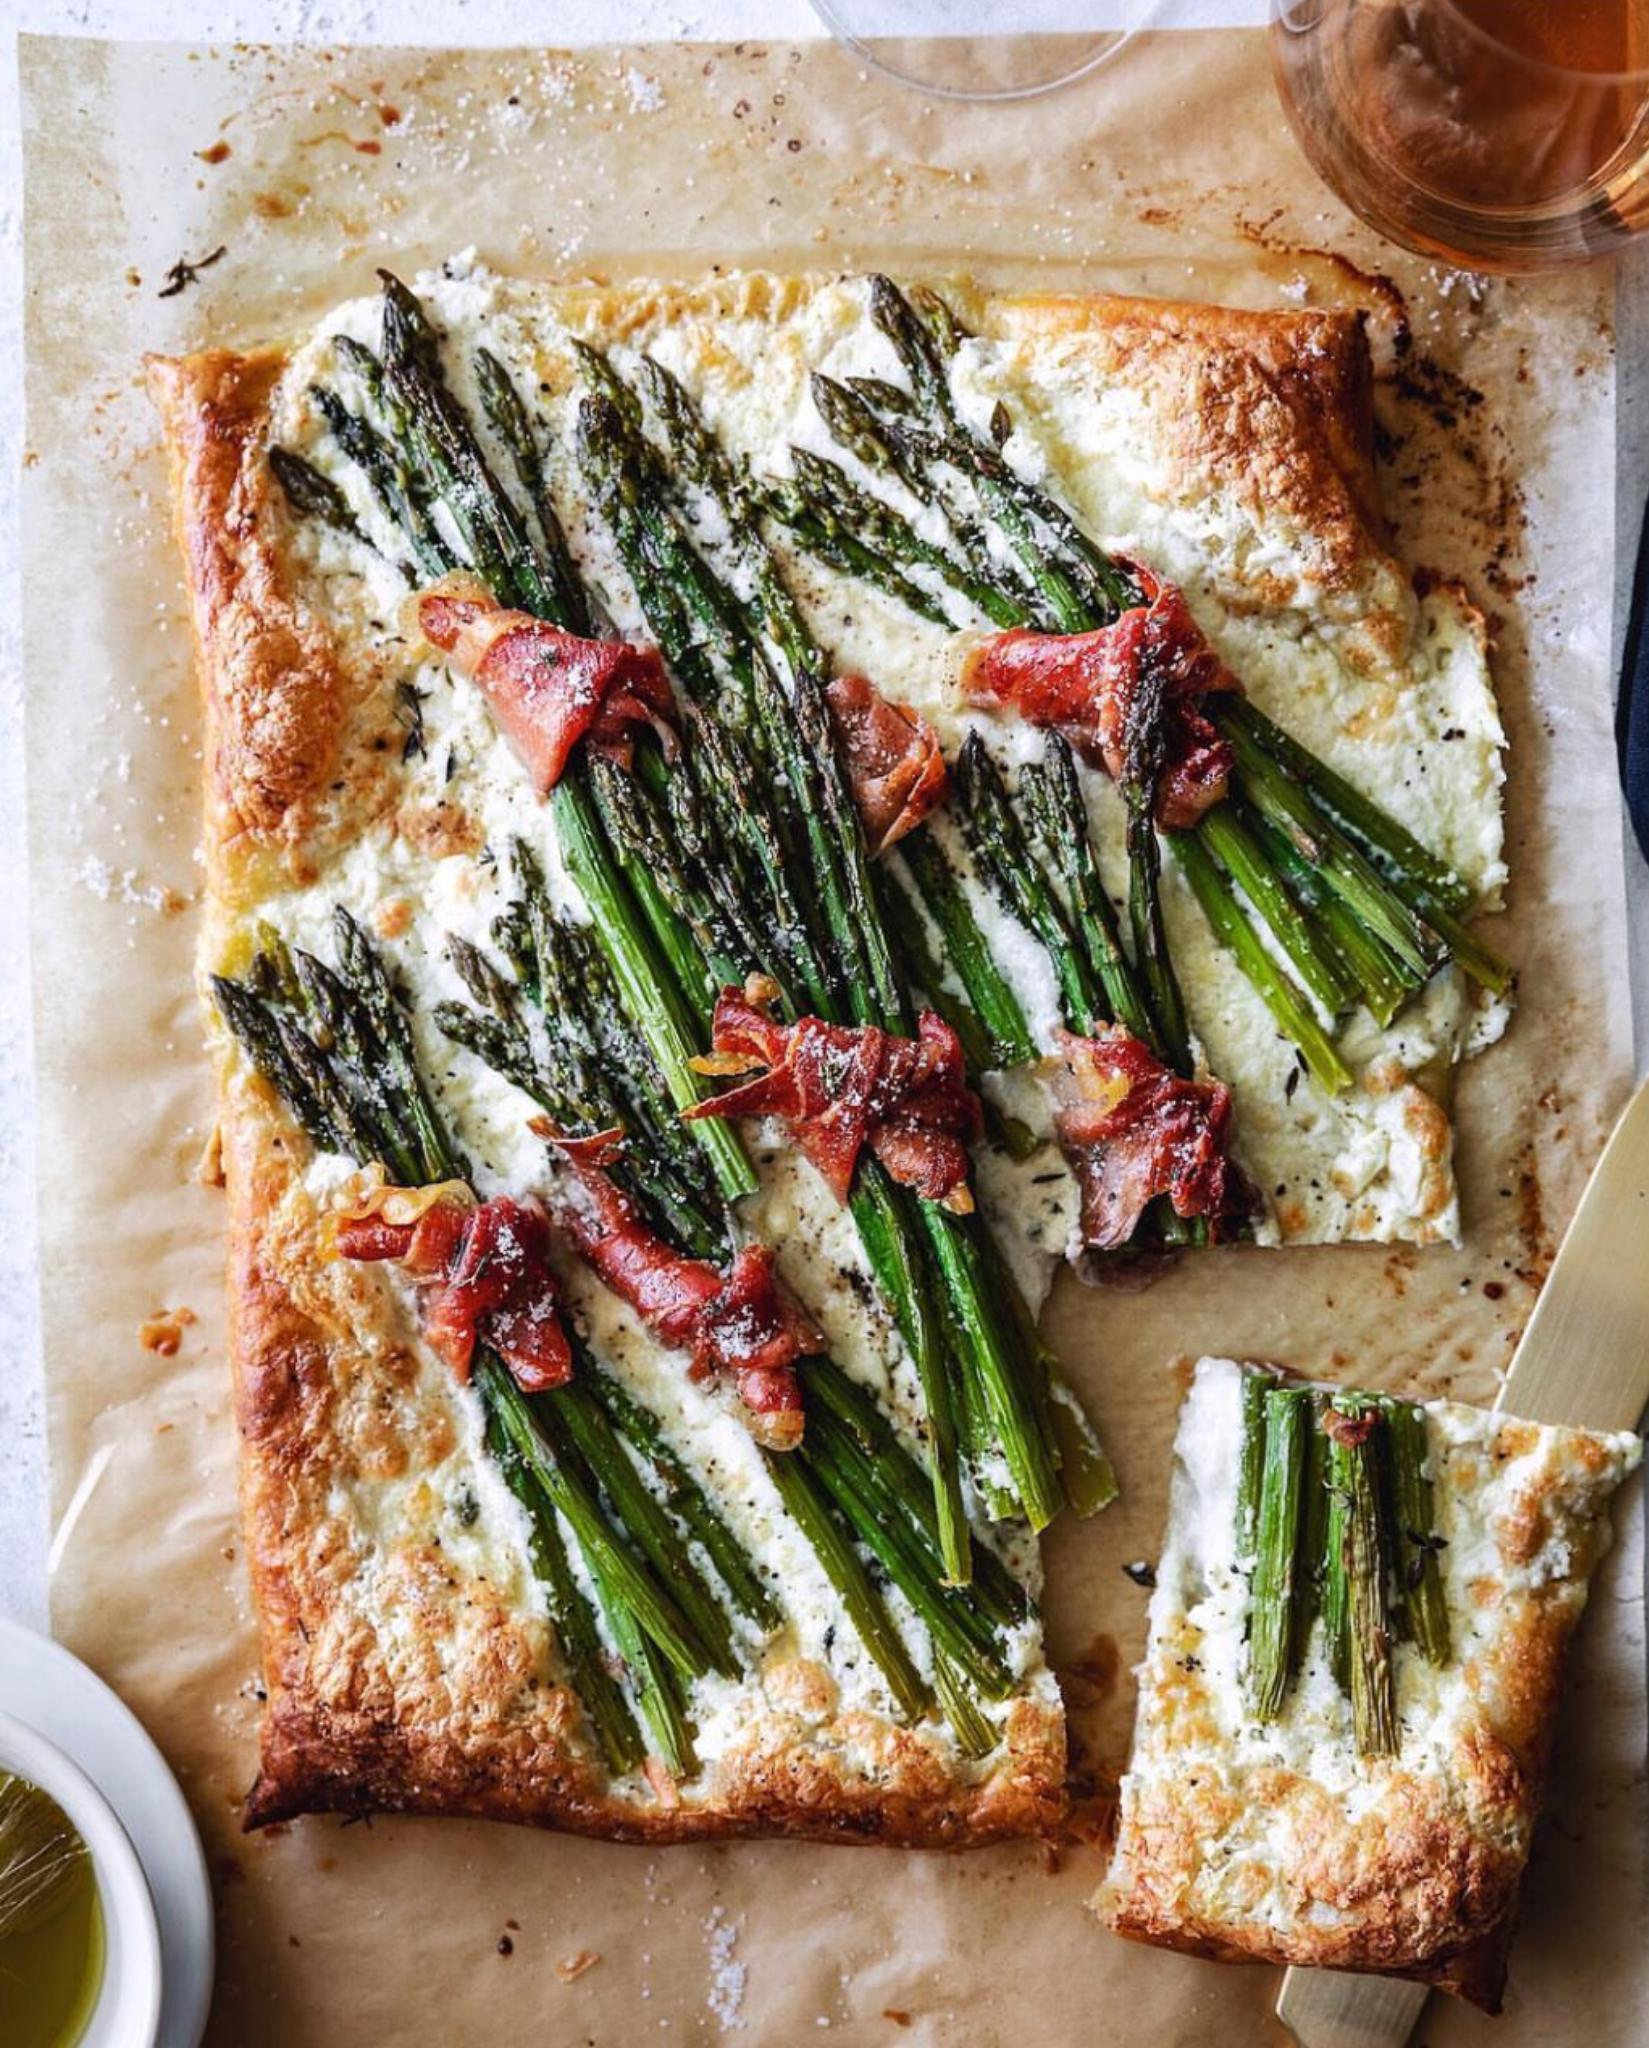 Burrata, Asparagus, Prosciutto Tart